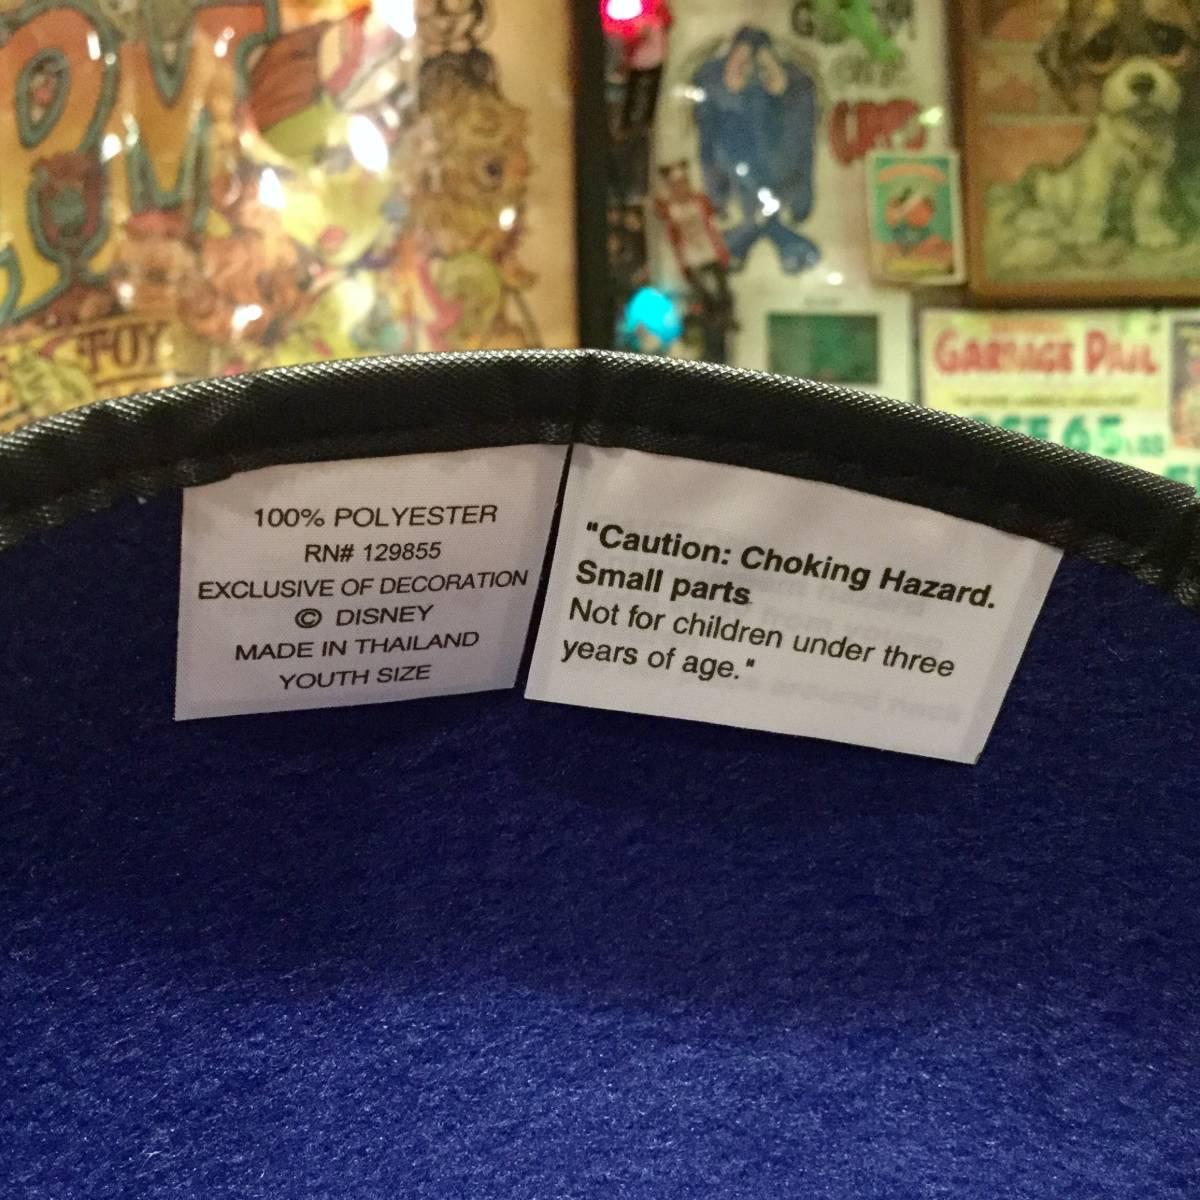 USA ディズニー ワールド 限定 ミッキーマウス イヤー ハット キャップ ブルー MICKEY MOUSE 耳付き 帽子 Disney World ディズニーランド _画像7